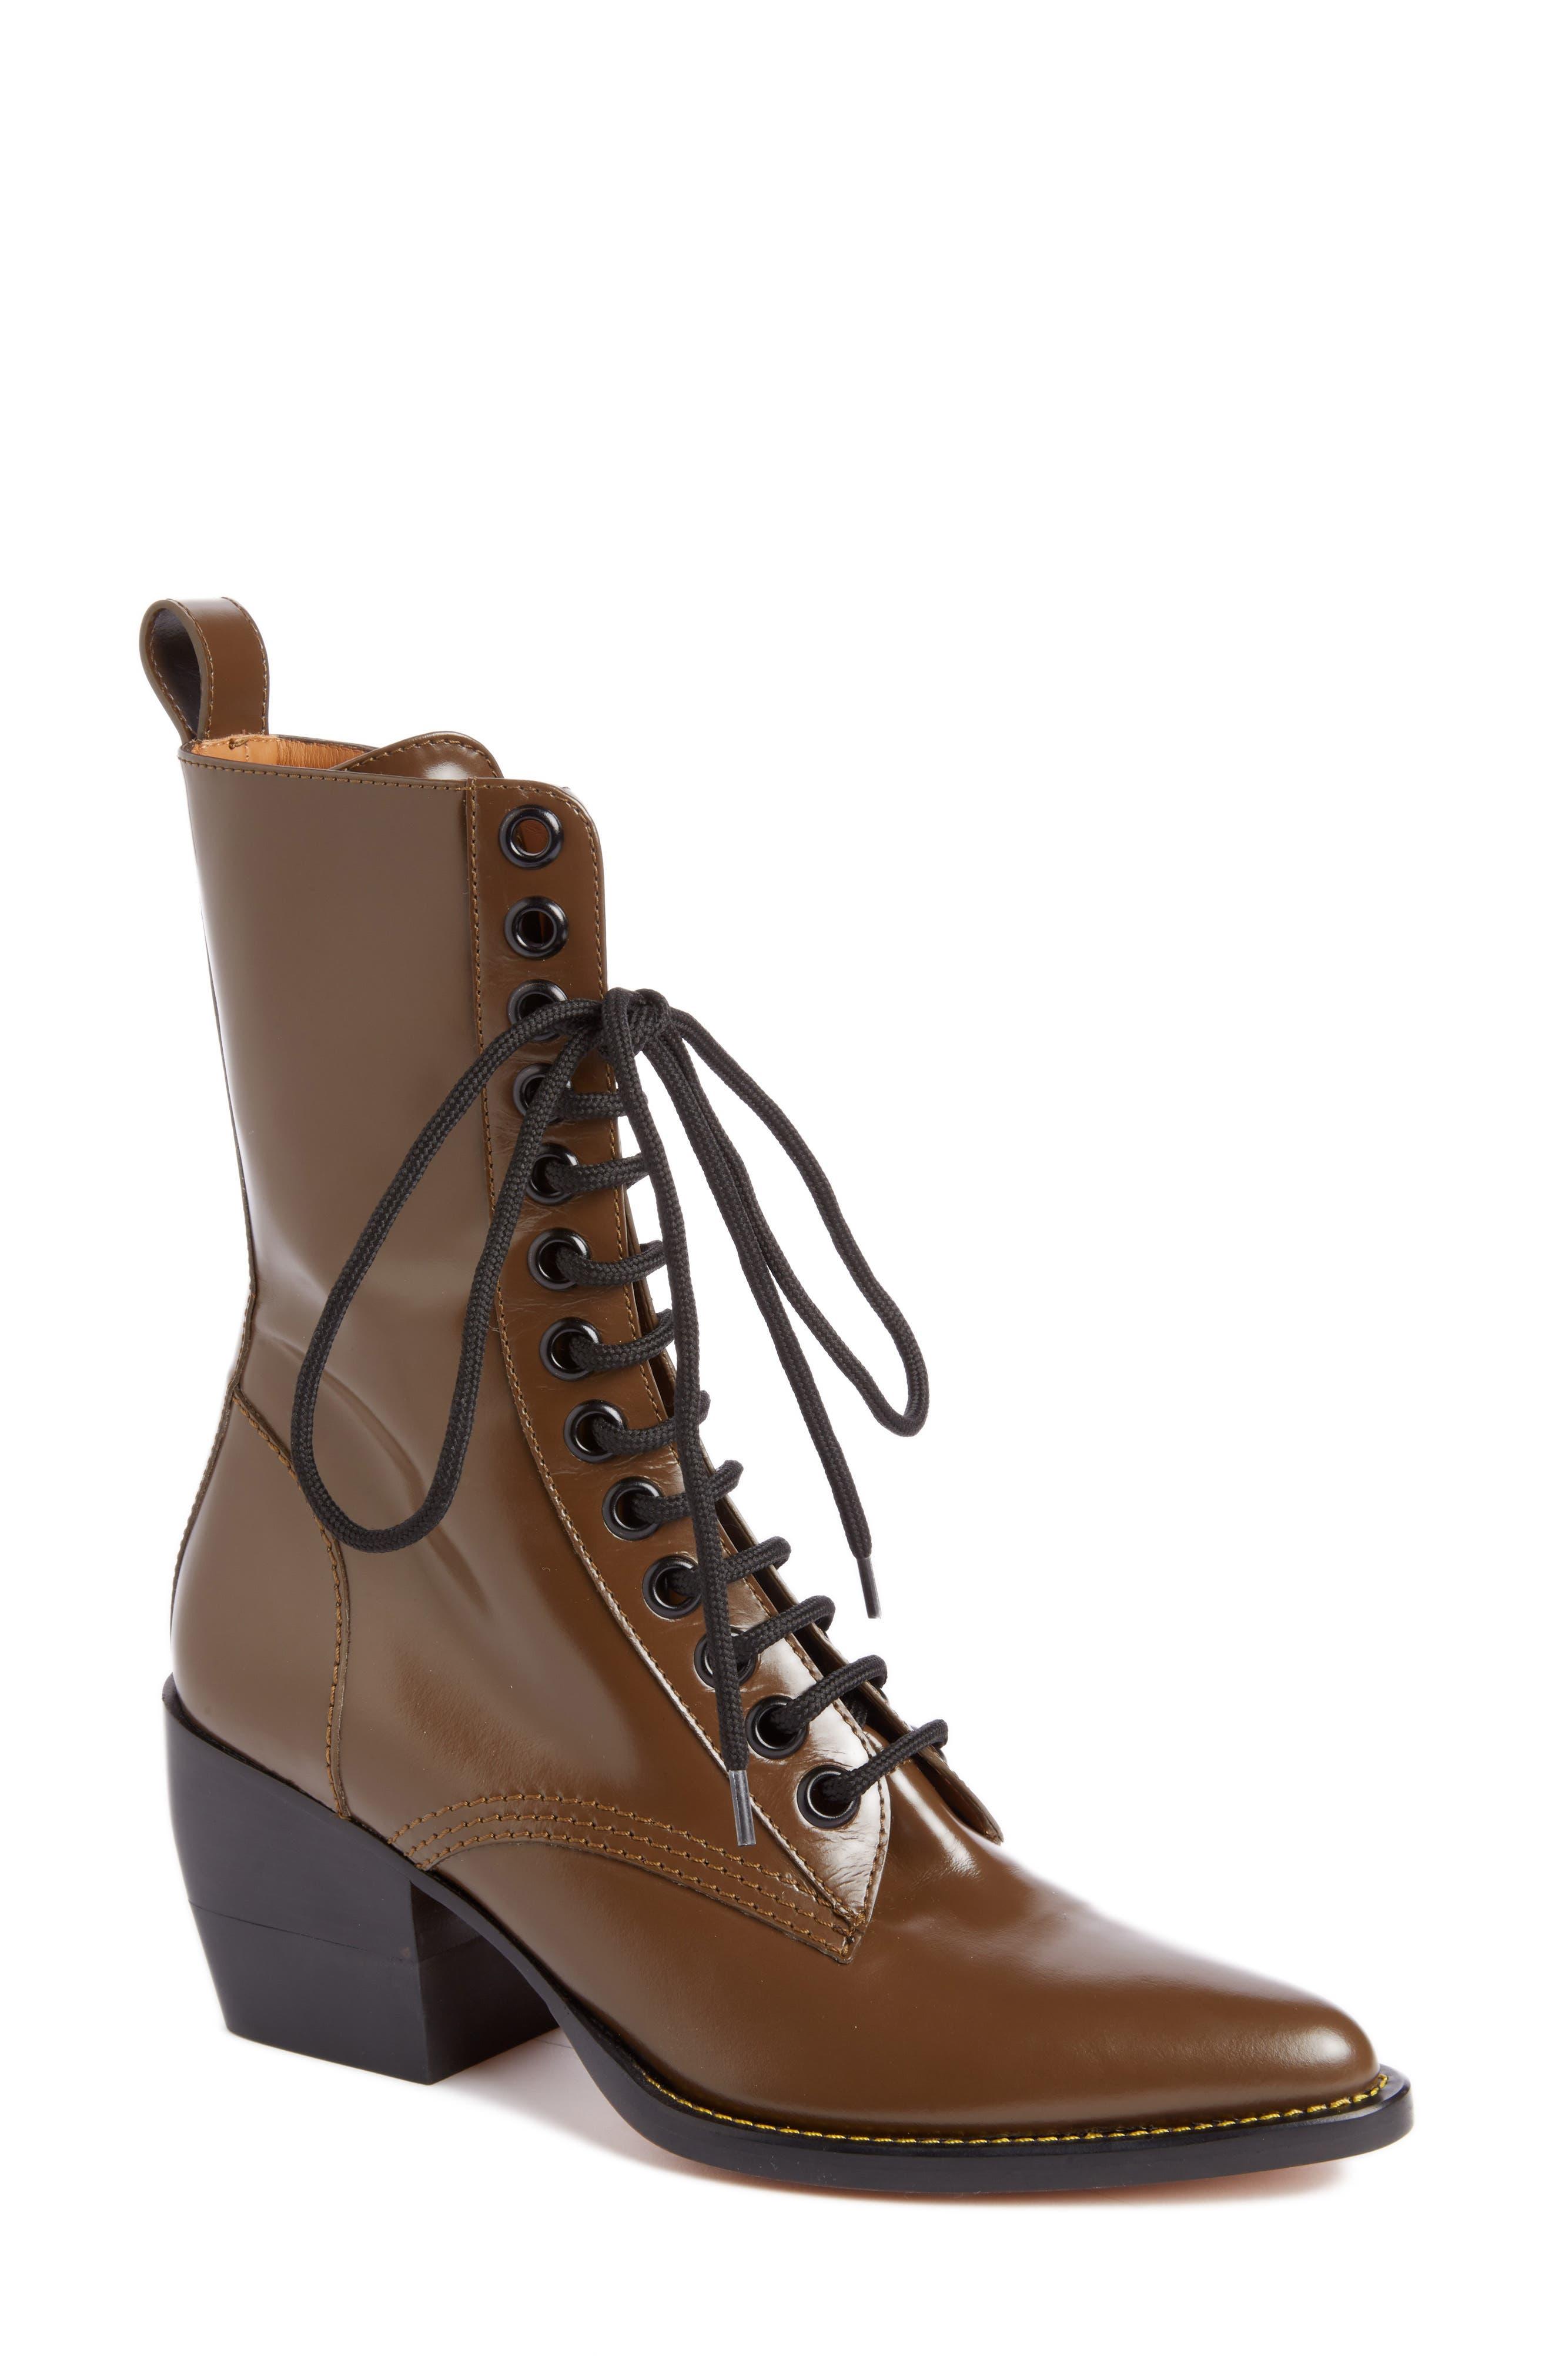 Chloe Women S Boots